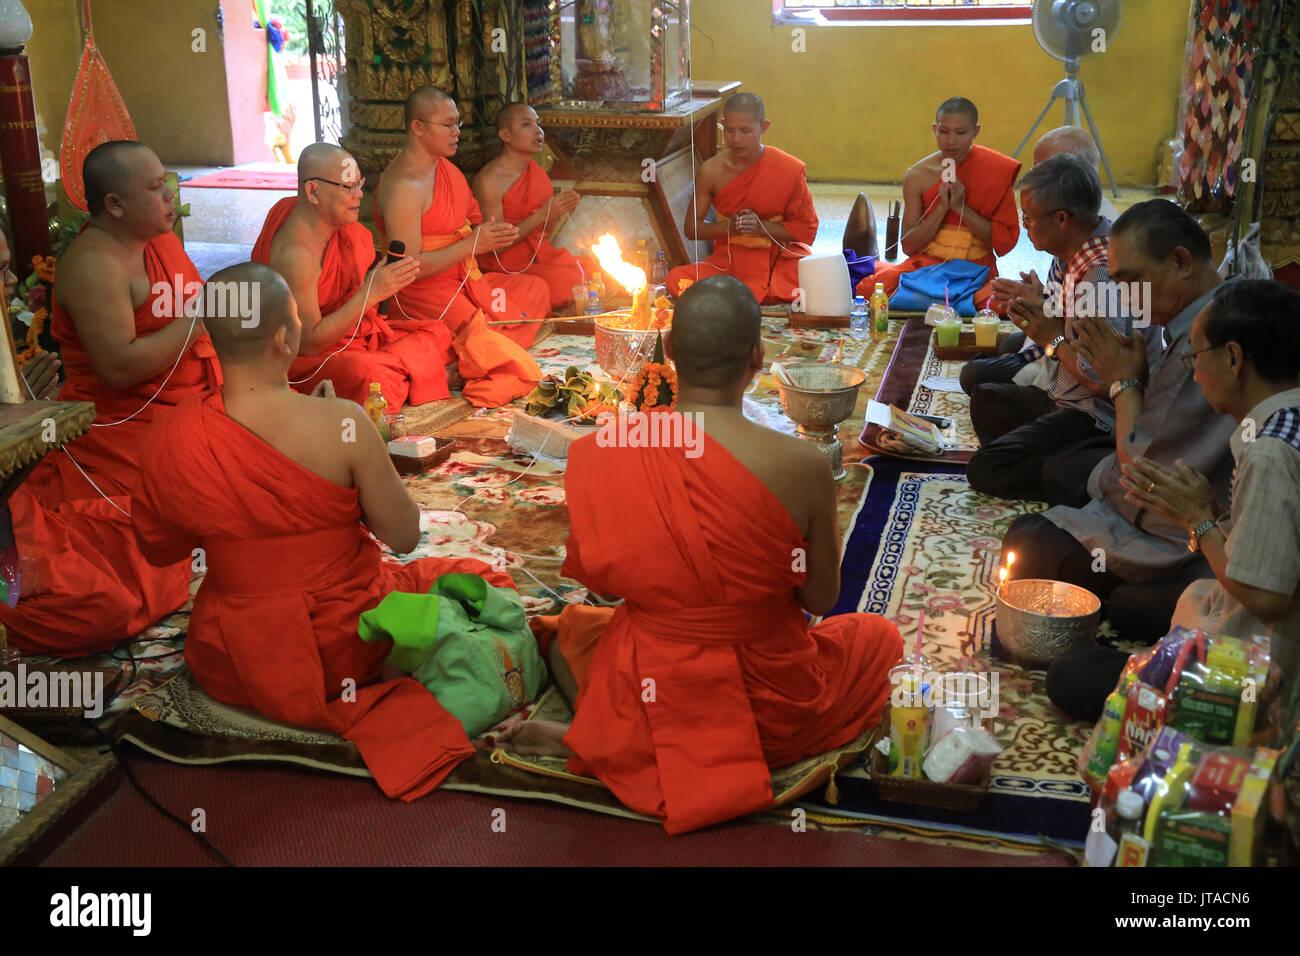 I monaci buddisti pregano, Sai peccato, filo di cotone che simboleggia il legame sacro, Wat Simuong (Wat Si Muang, Vientiane, Laos, Indocina, sud-est asiatico Immagini Stock